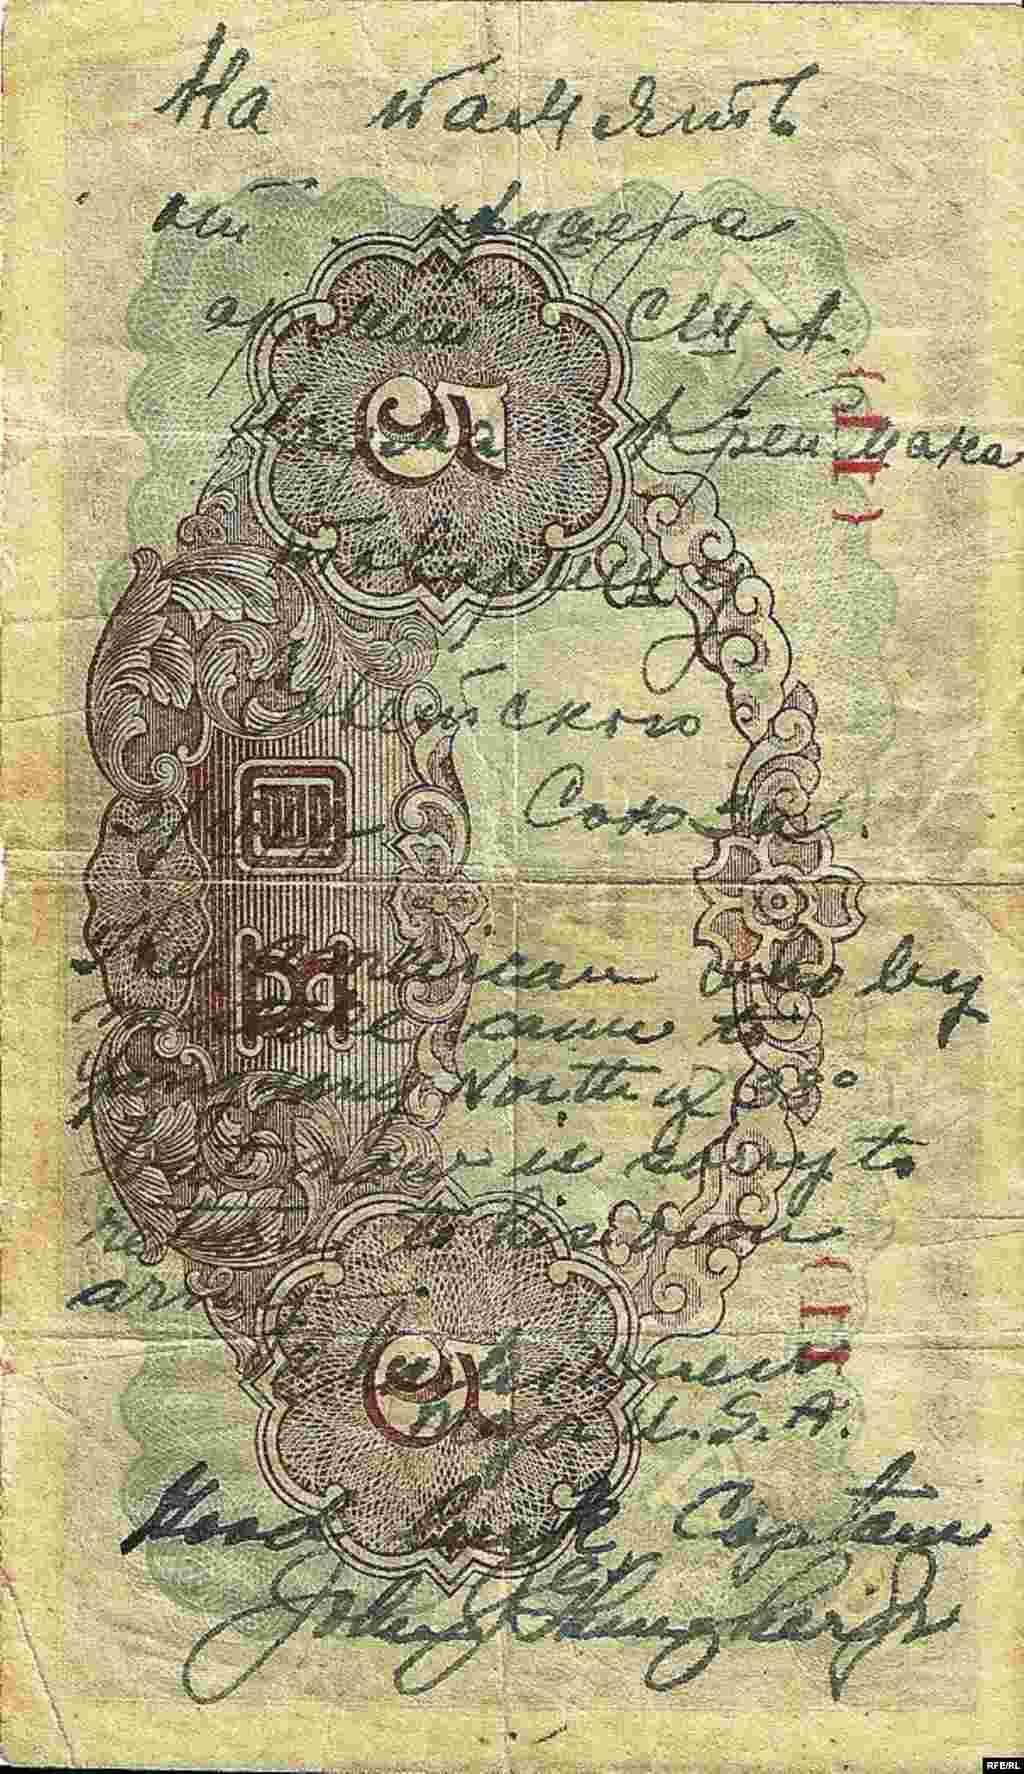 Корейская банкнота с автографами американцев. Обратная сторона.